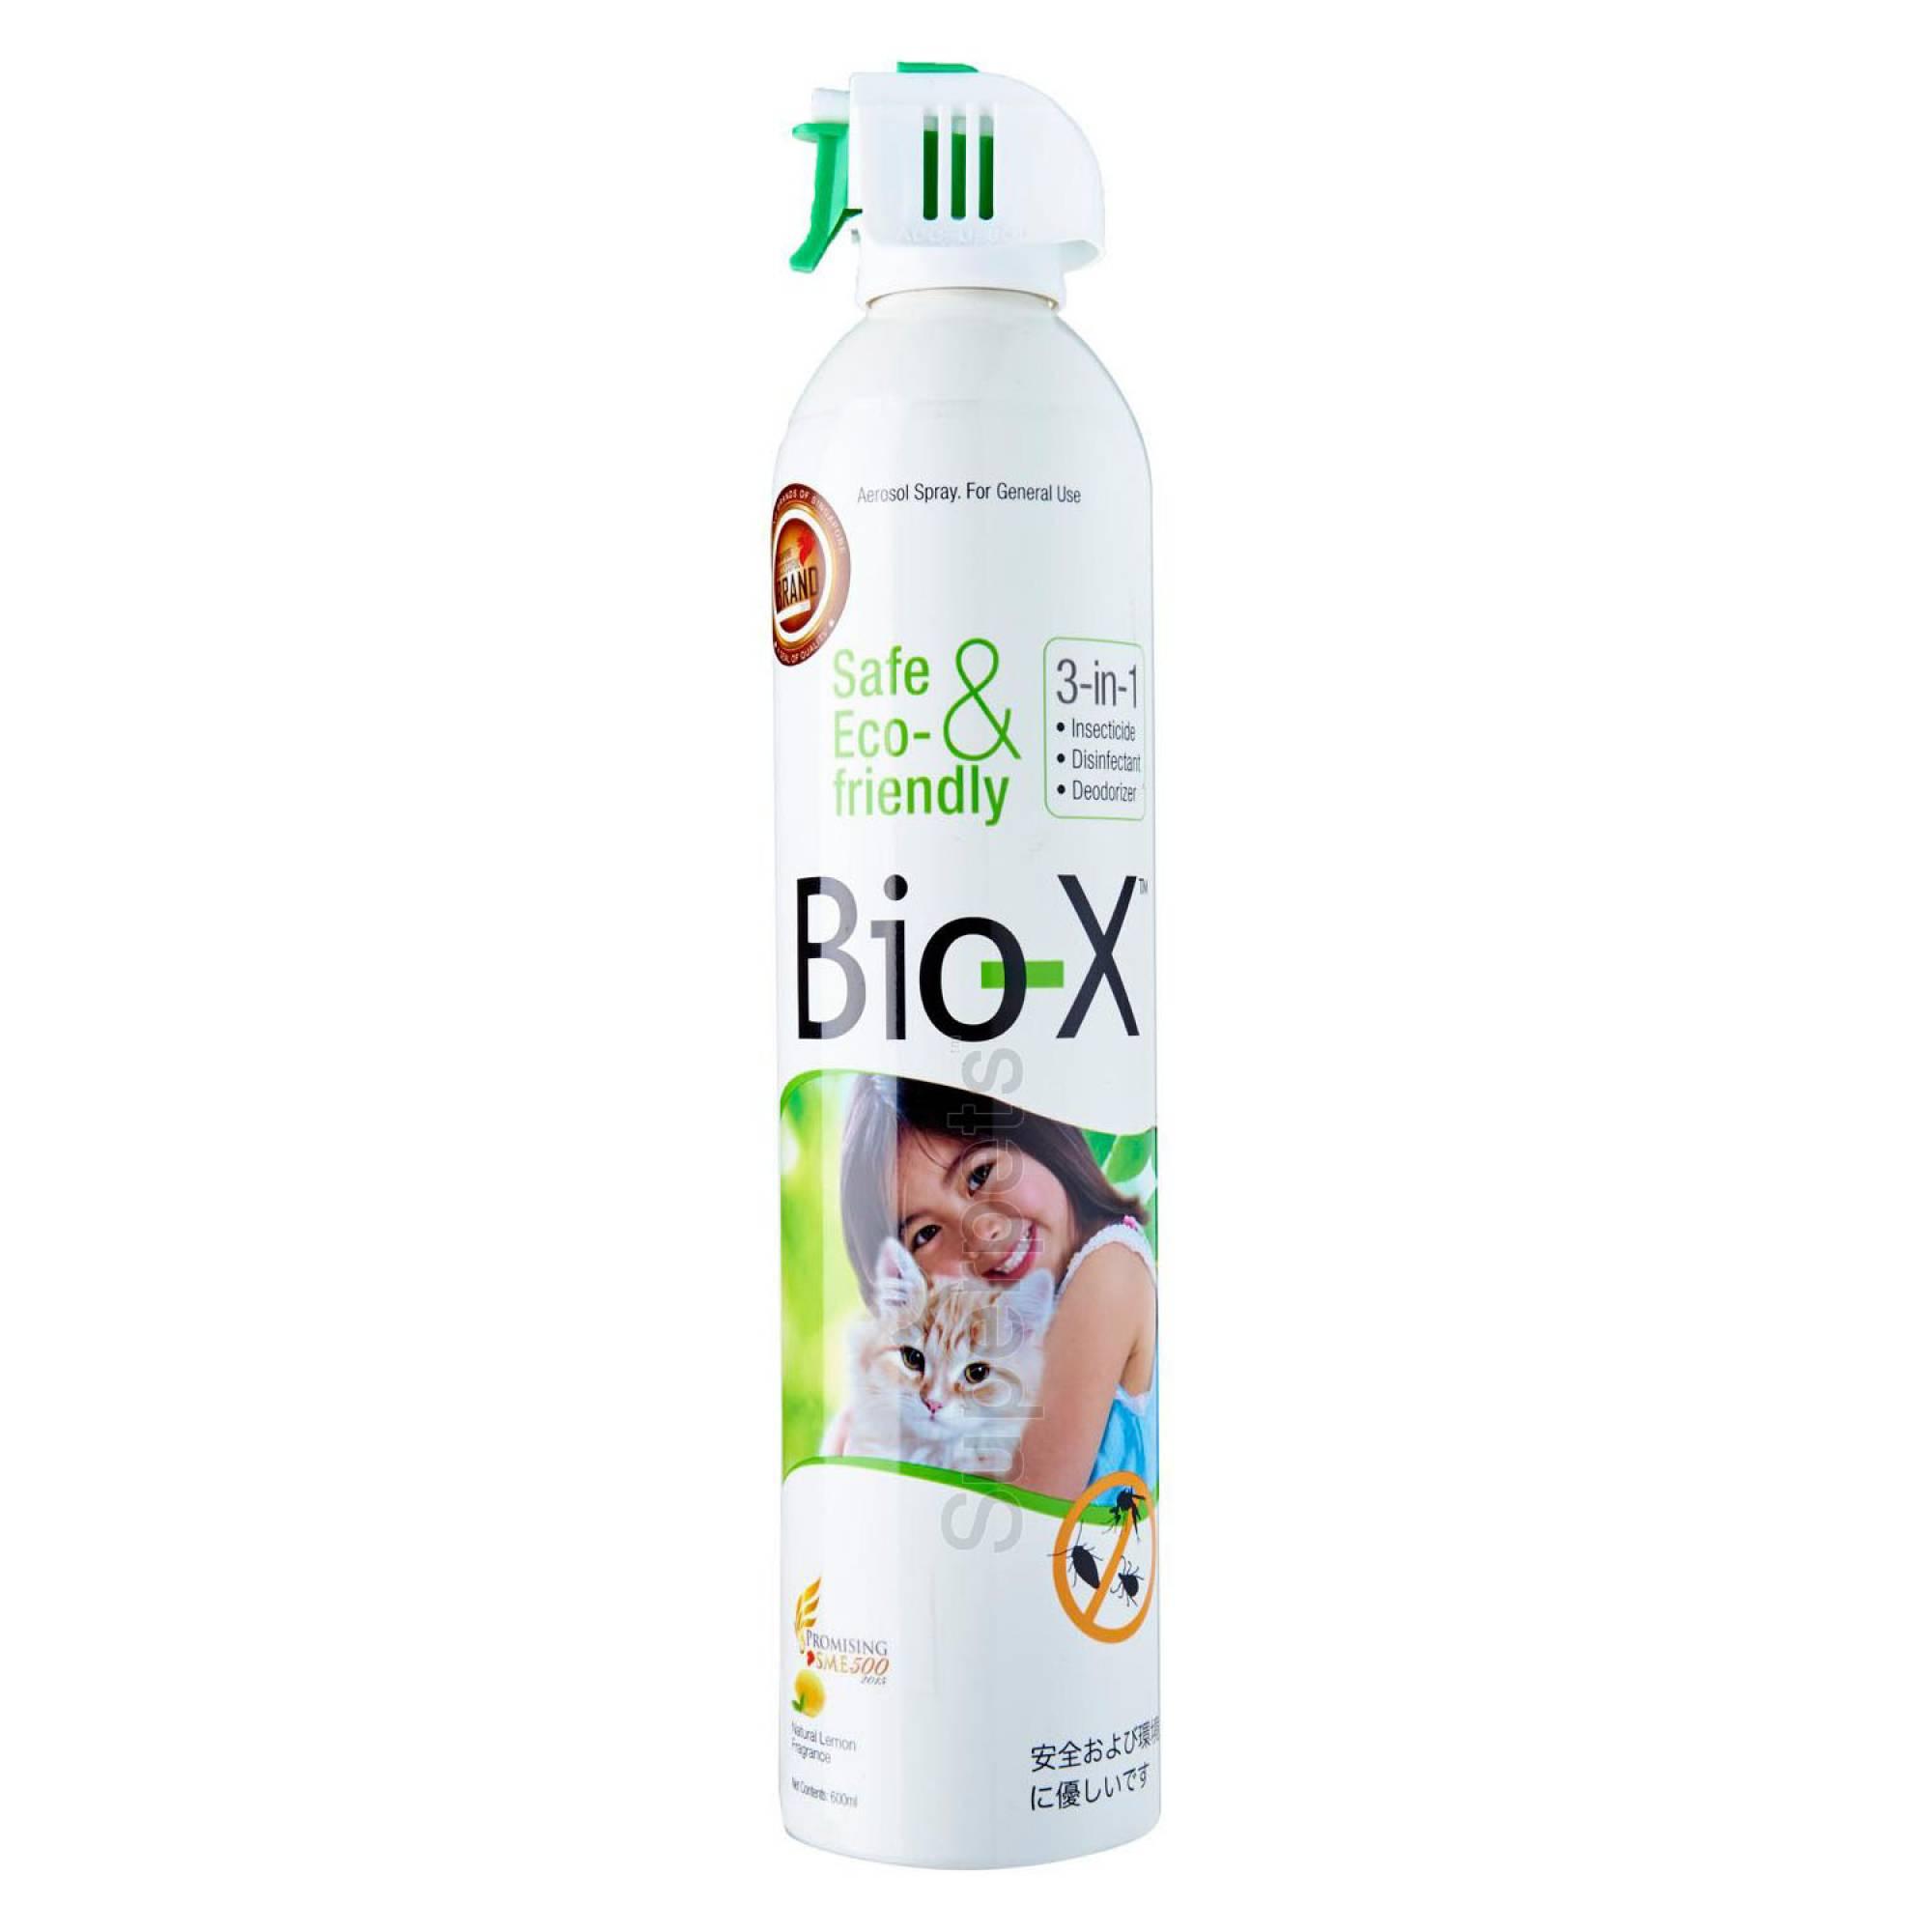 Bio-X 3-in-1 Aerosol Spray - Natural Lemon Fragrance 600ml